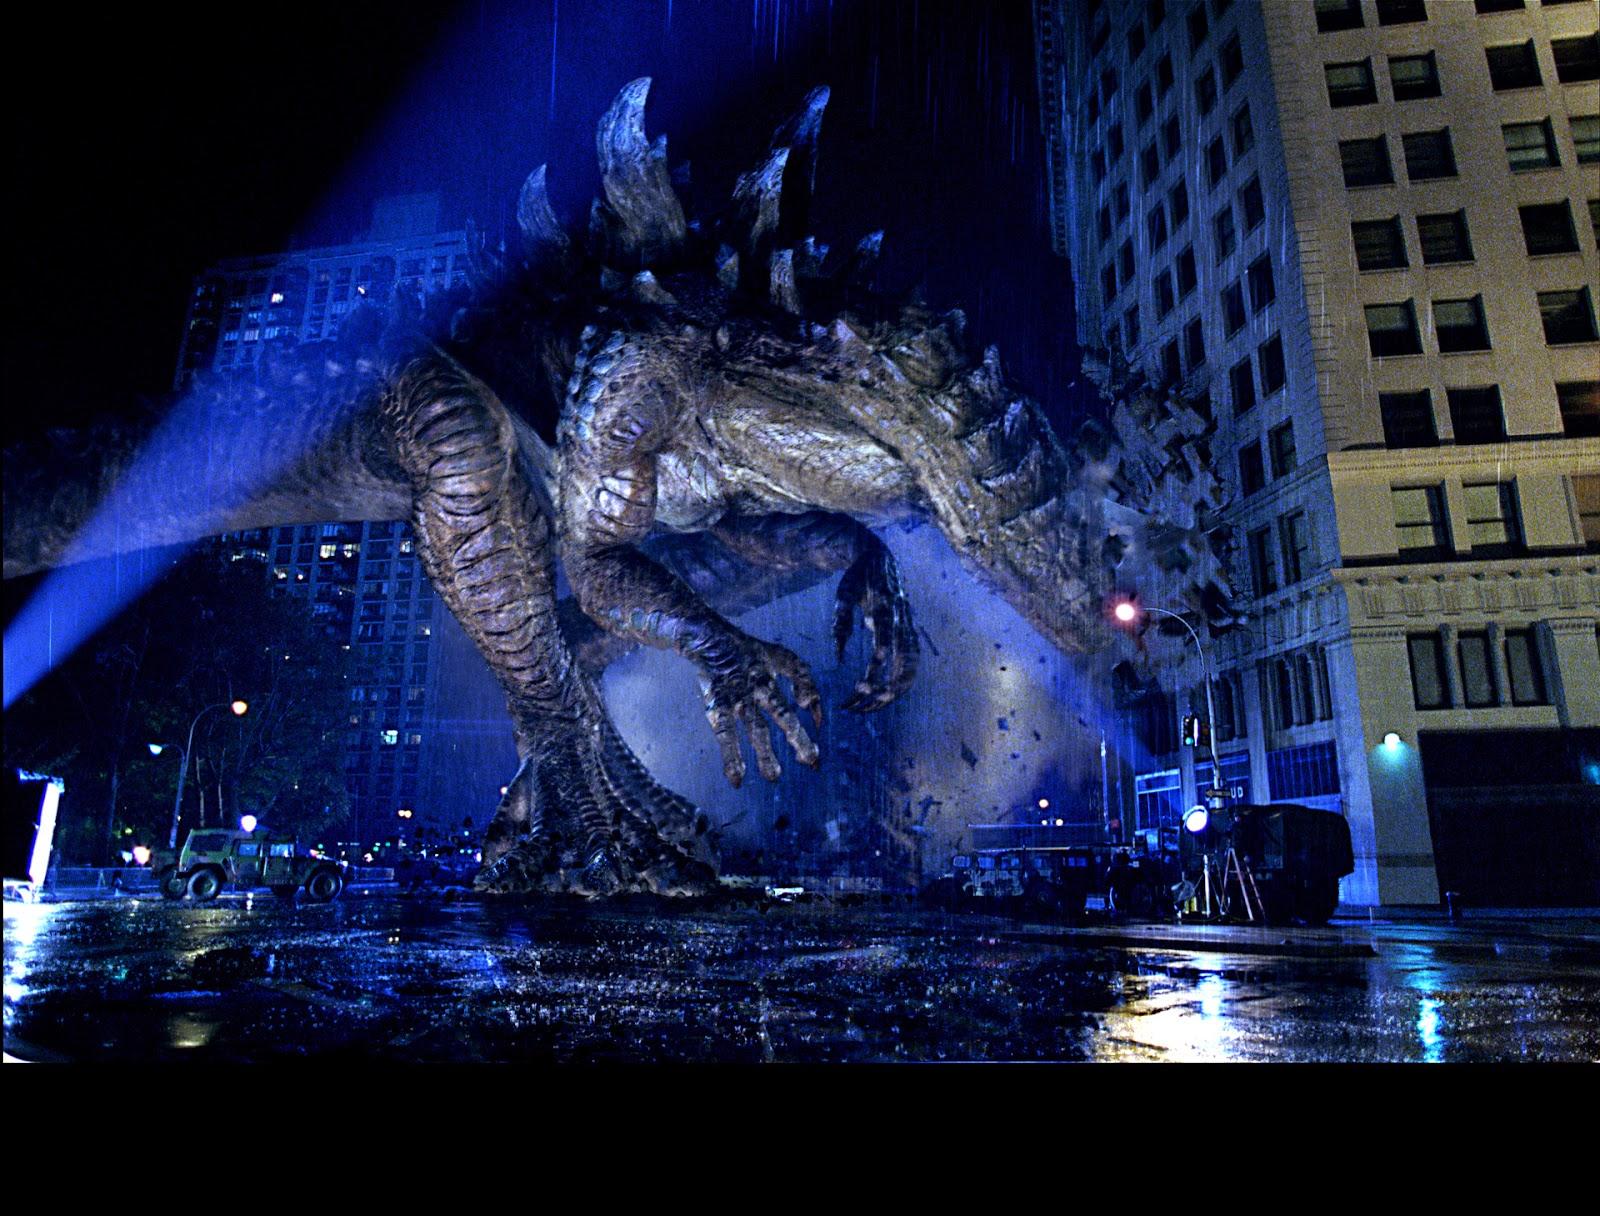 Cinema-Universe: GODZILLA 1998 VS GODZILLA 2014